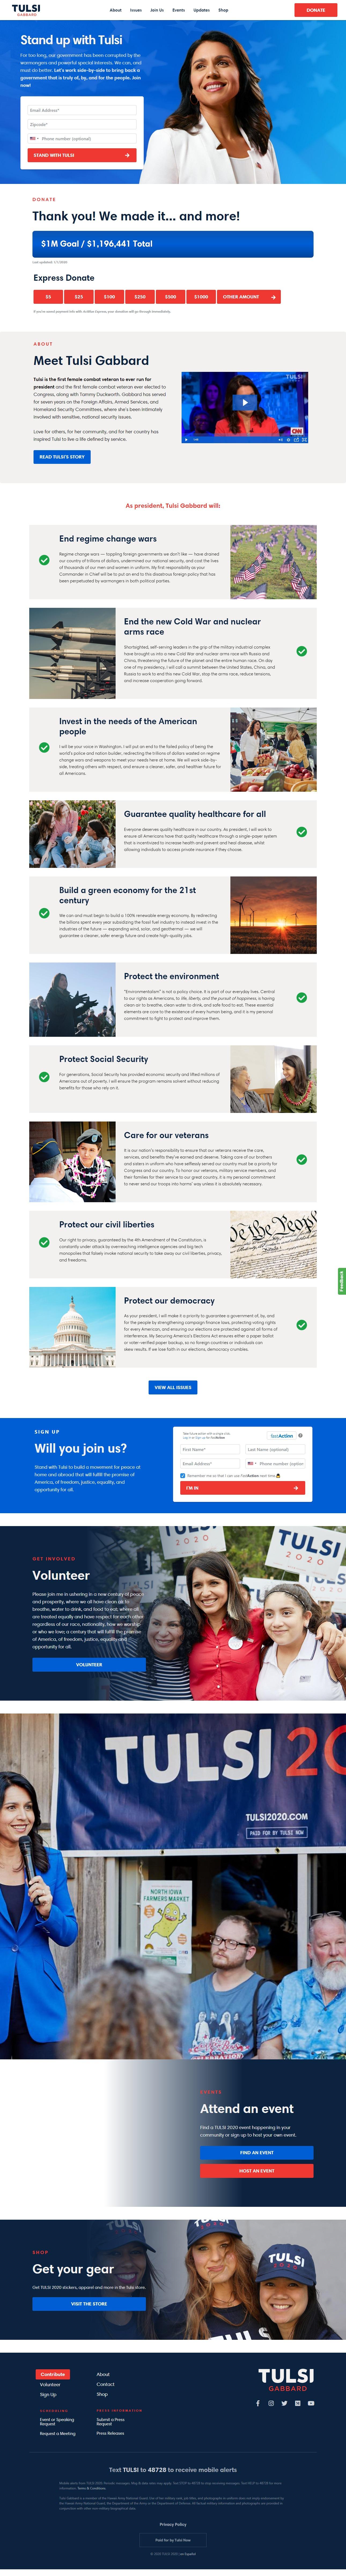 Homepage Snapshot for January 1, 2020: Representative Tulsi Gabbard